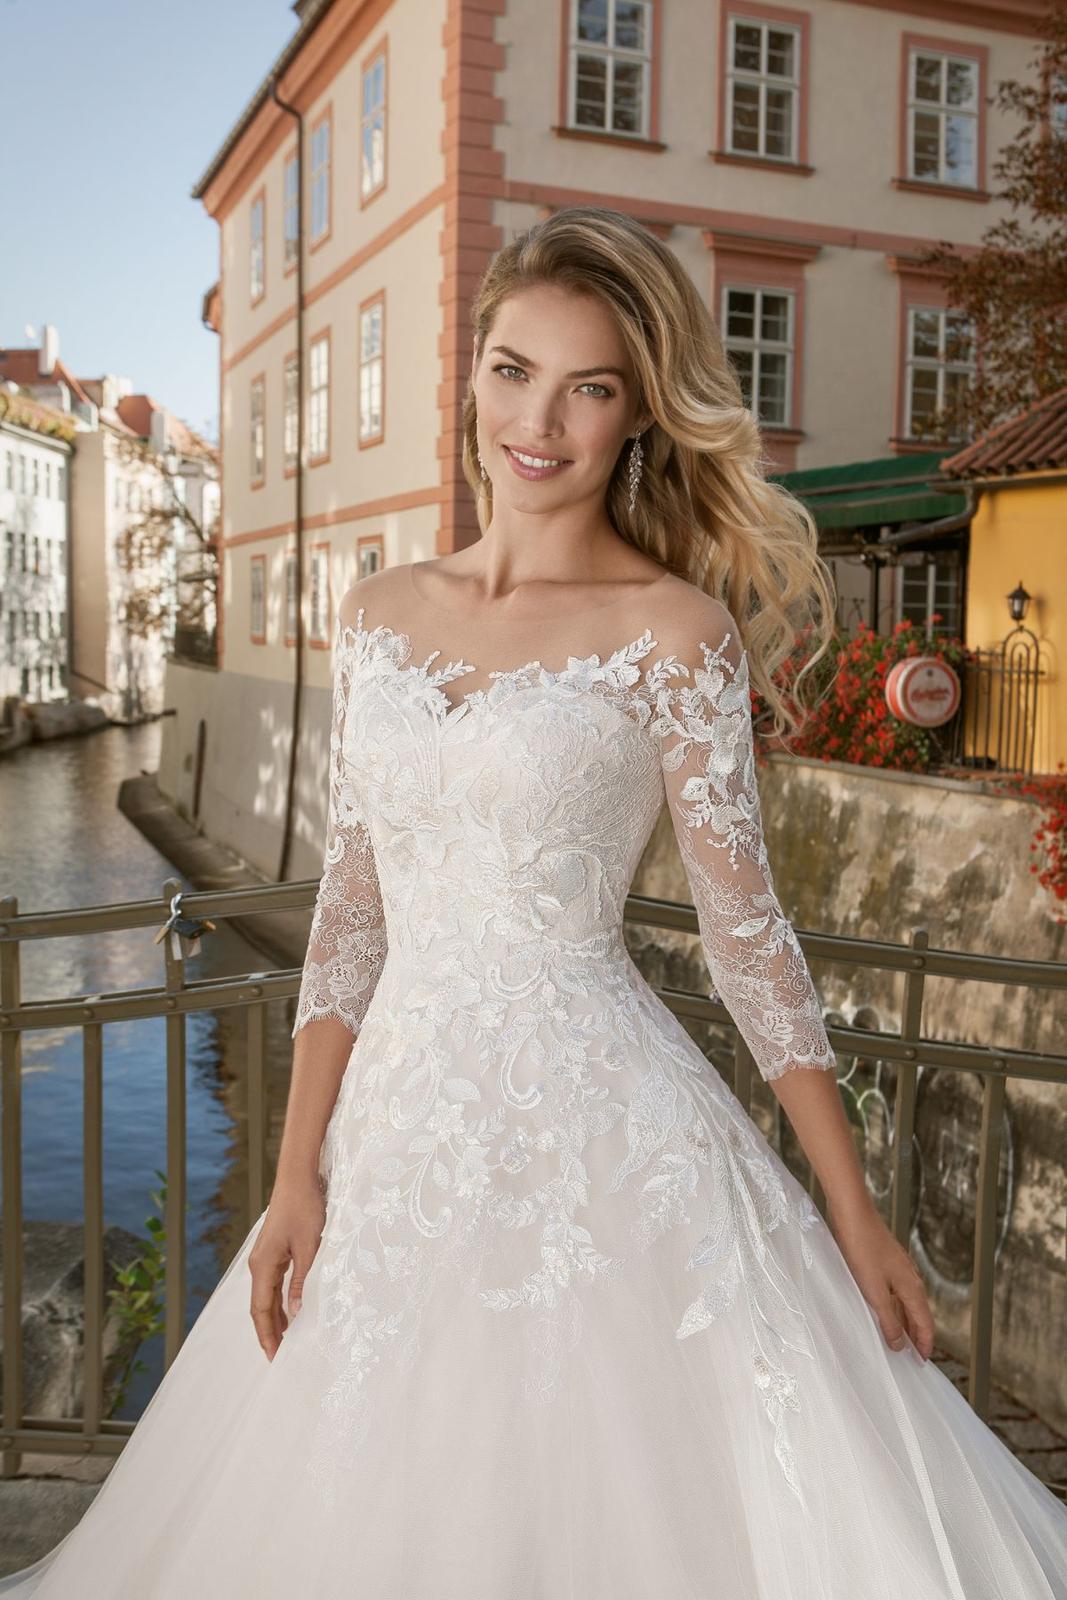 Eva Grandes princeznovské svatební šaty - Lillian z blízka svatební šaty